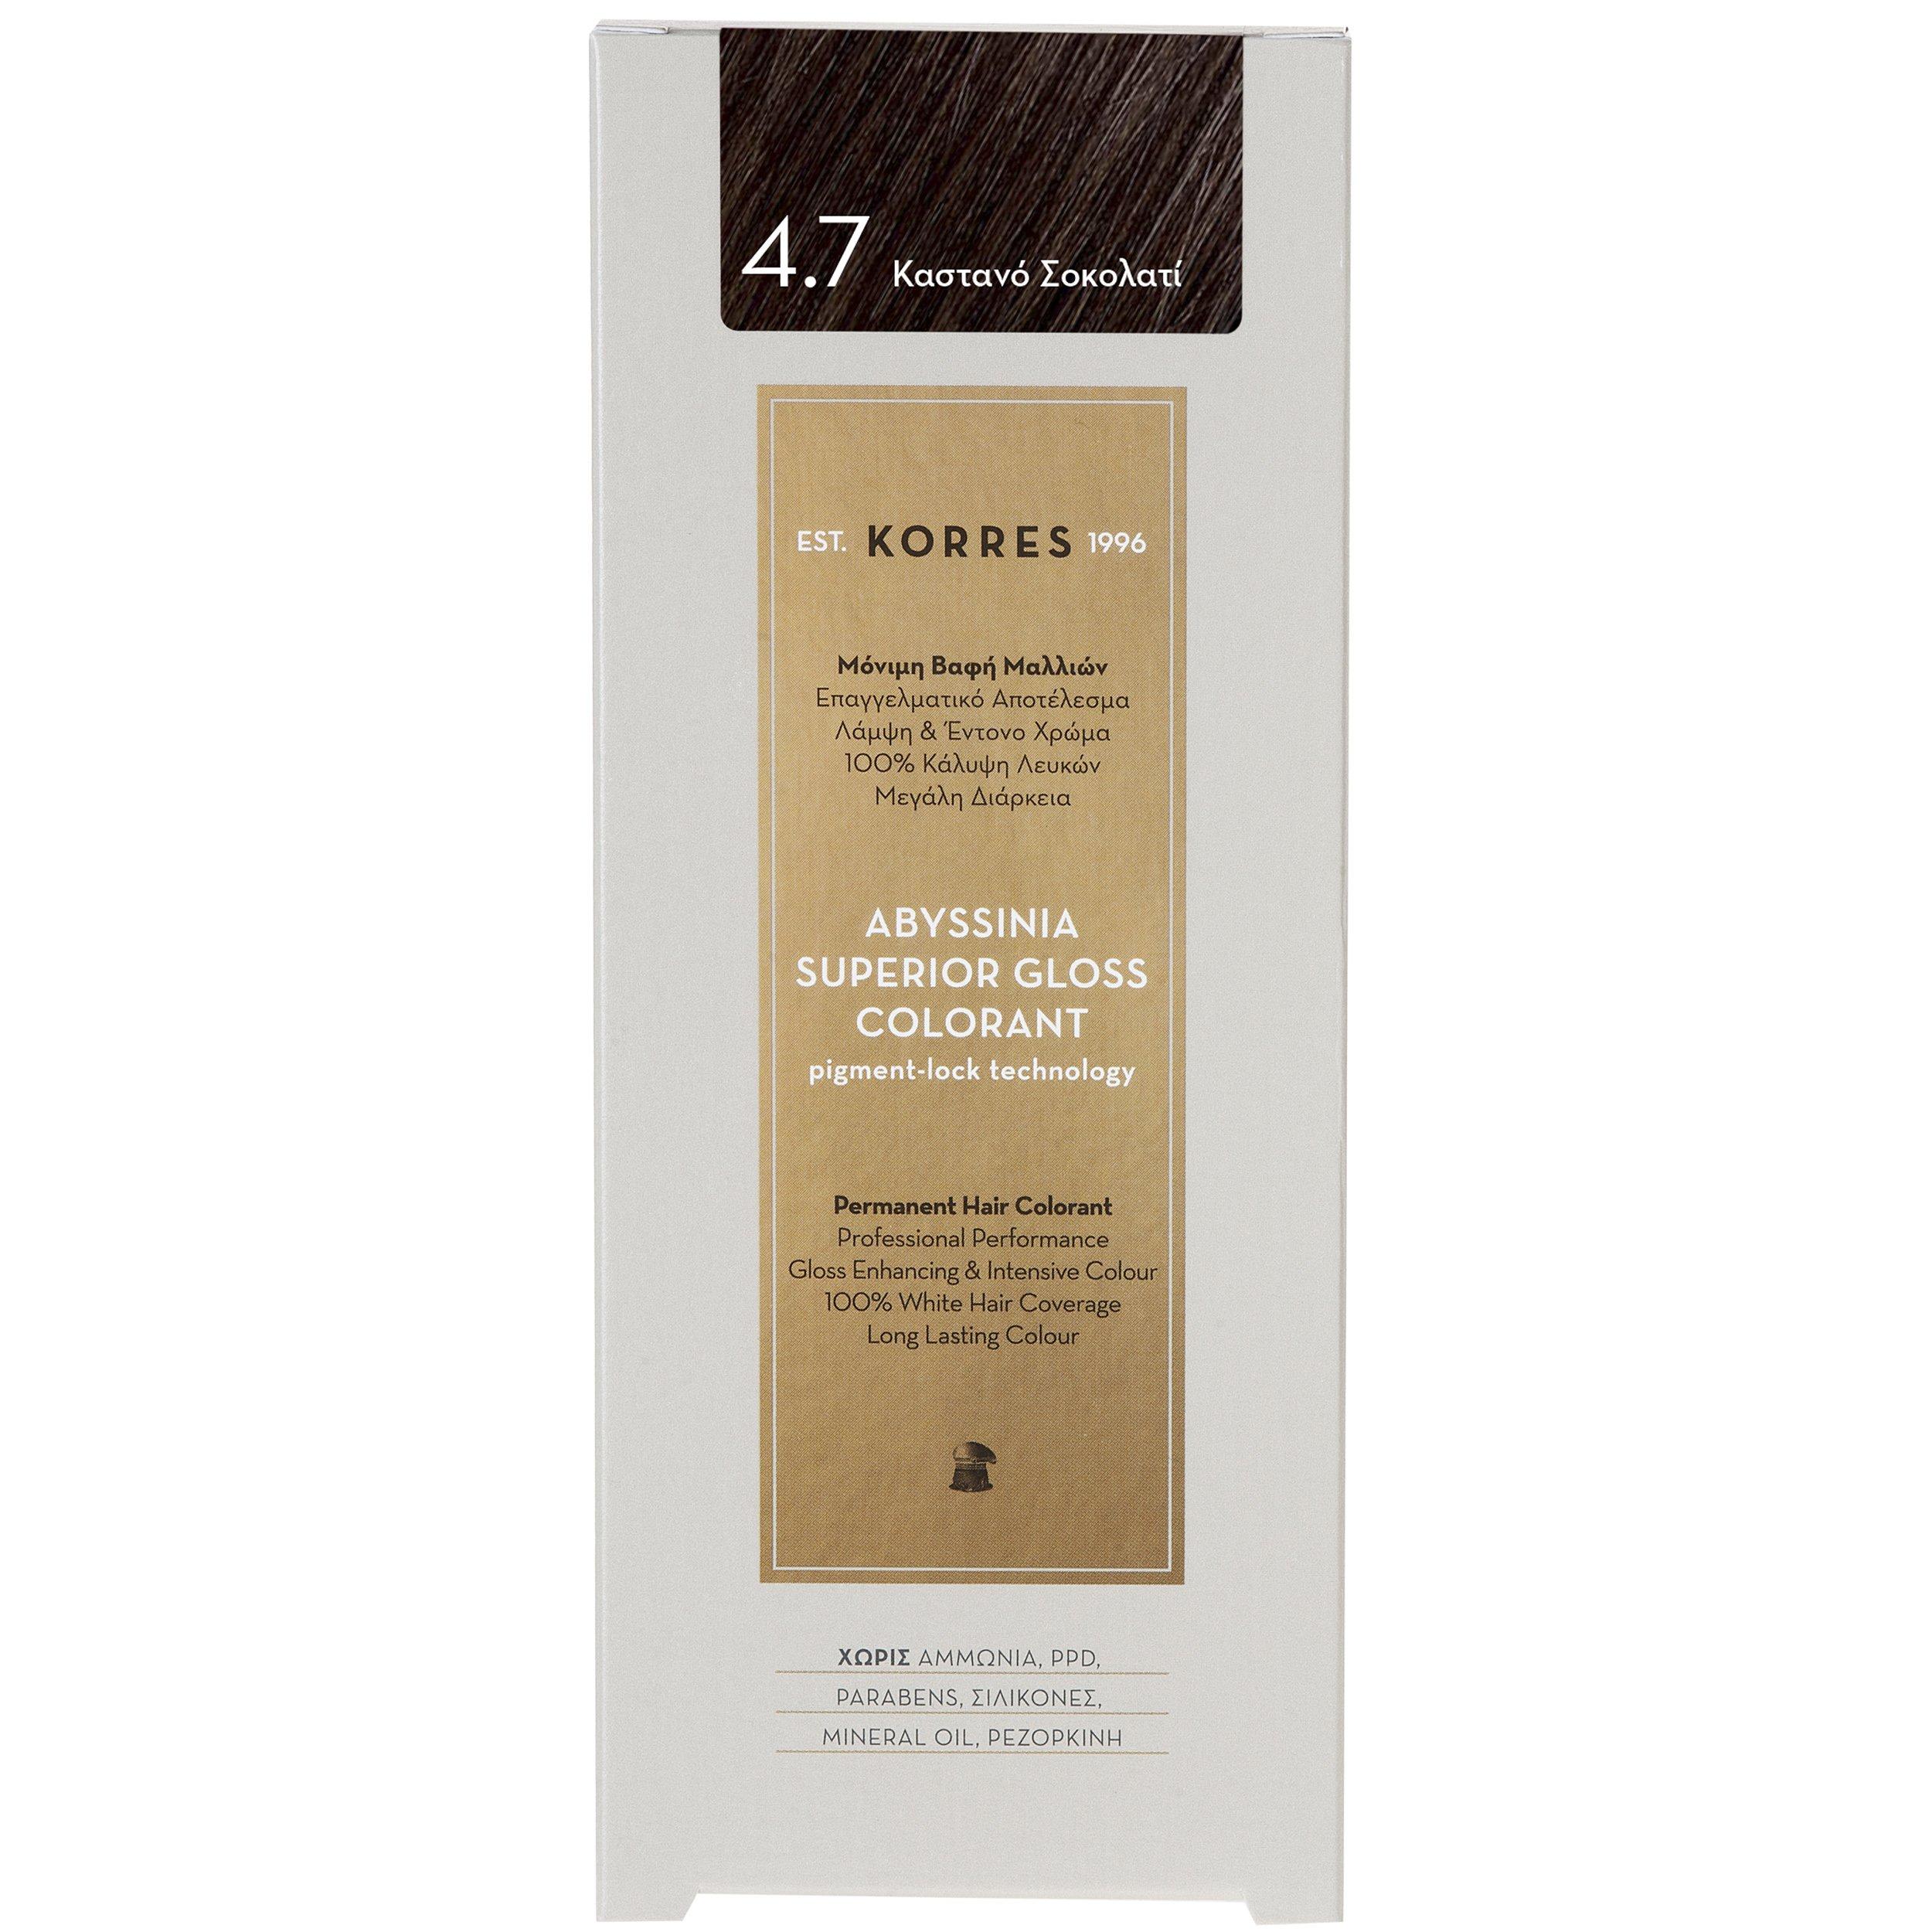 Korres Abyssinia Superior Gloss Colorant Επαγγελματικό Αποτέλεσμα Λάμψη & Έντονο Χρώμα – 4.7 ΚΑΣΤΑΝΟ ΣΟΚΟΛΑΤΙ